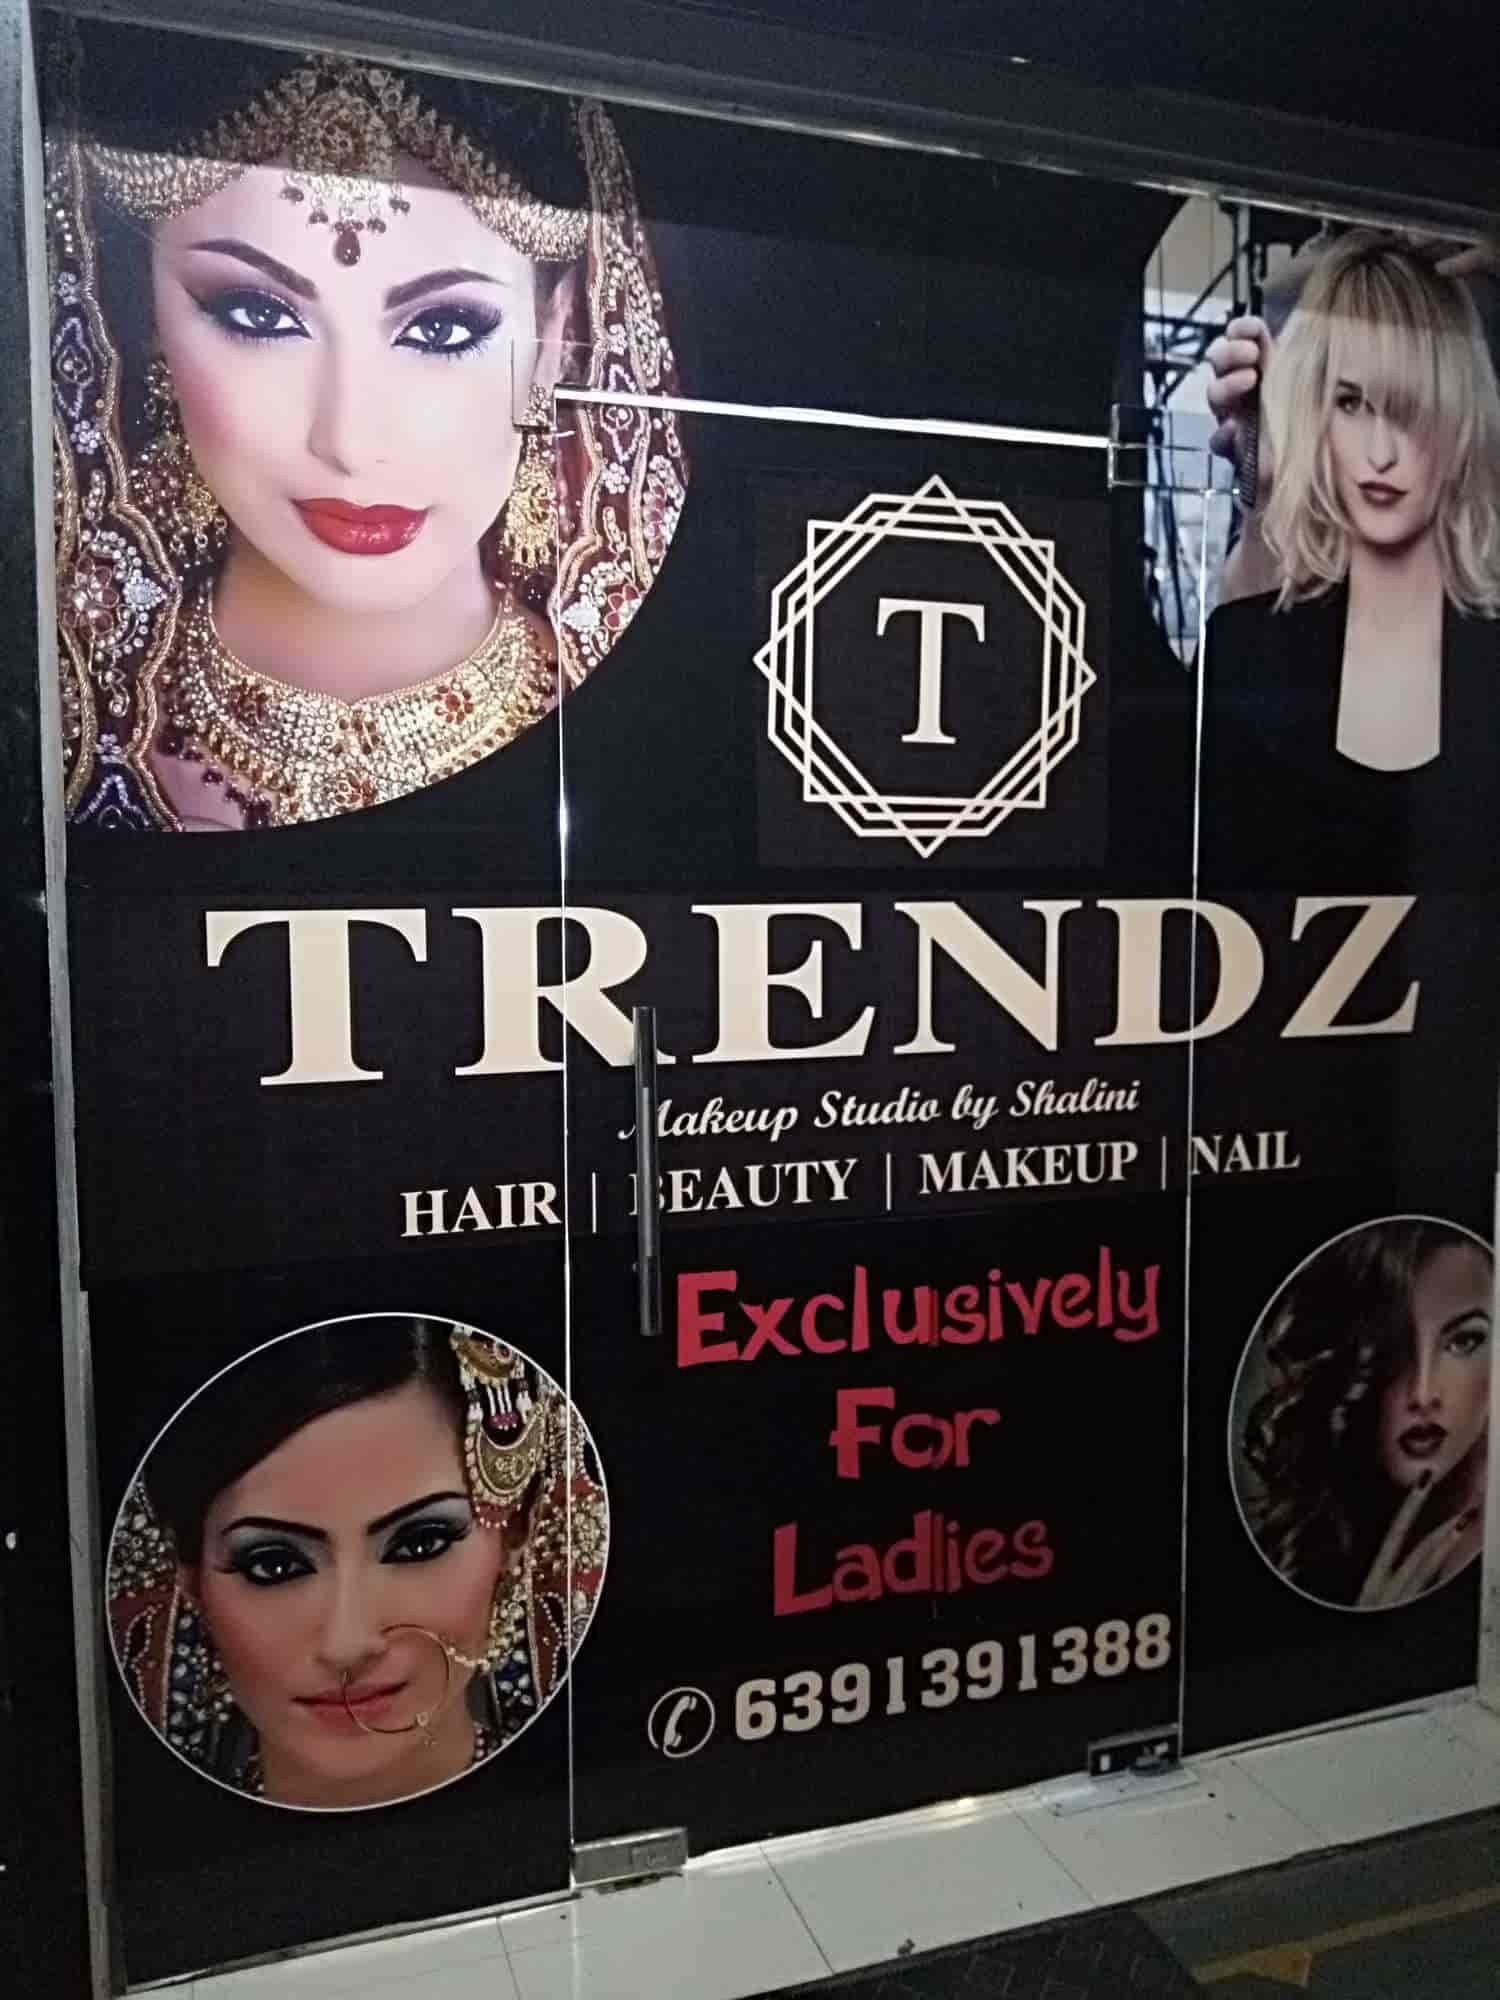 ... Entrance View of Salon - Trendz Makeup Studio Photos, Aliganj, Lucknow - Makeup Artists ...